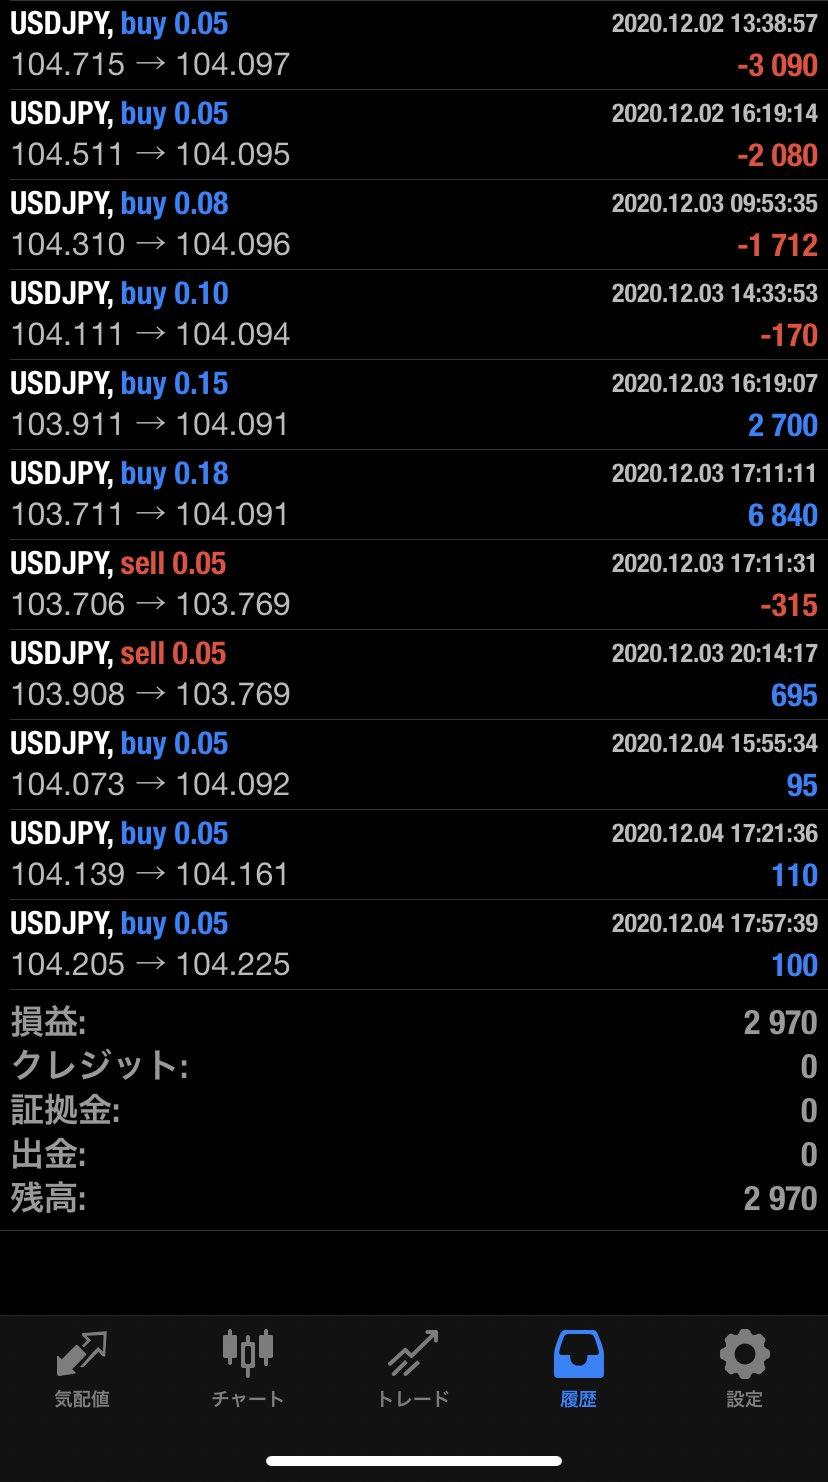 2020年12月4日 USD/JPYバージョン2,970円